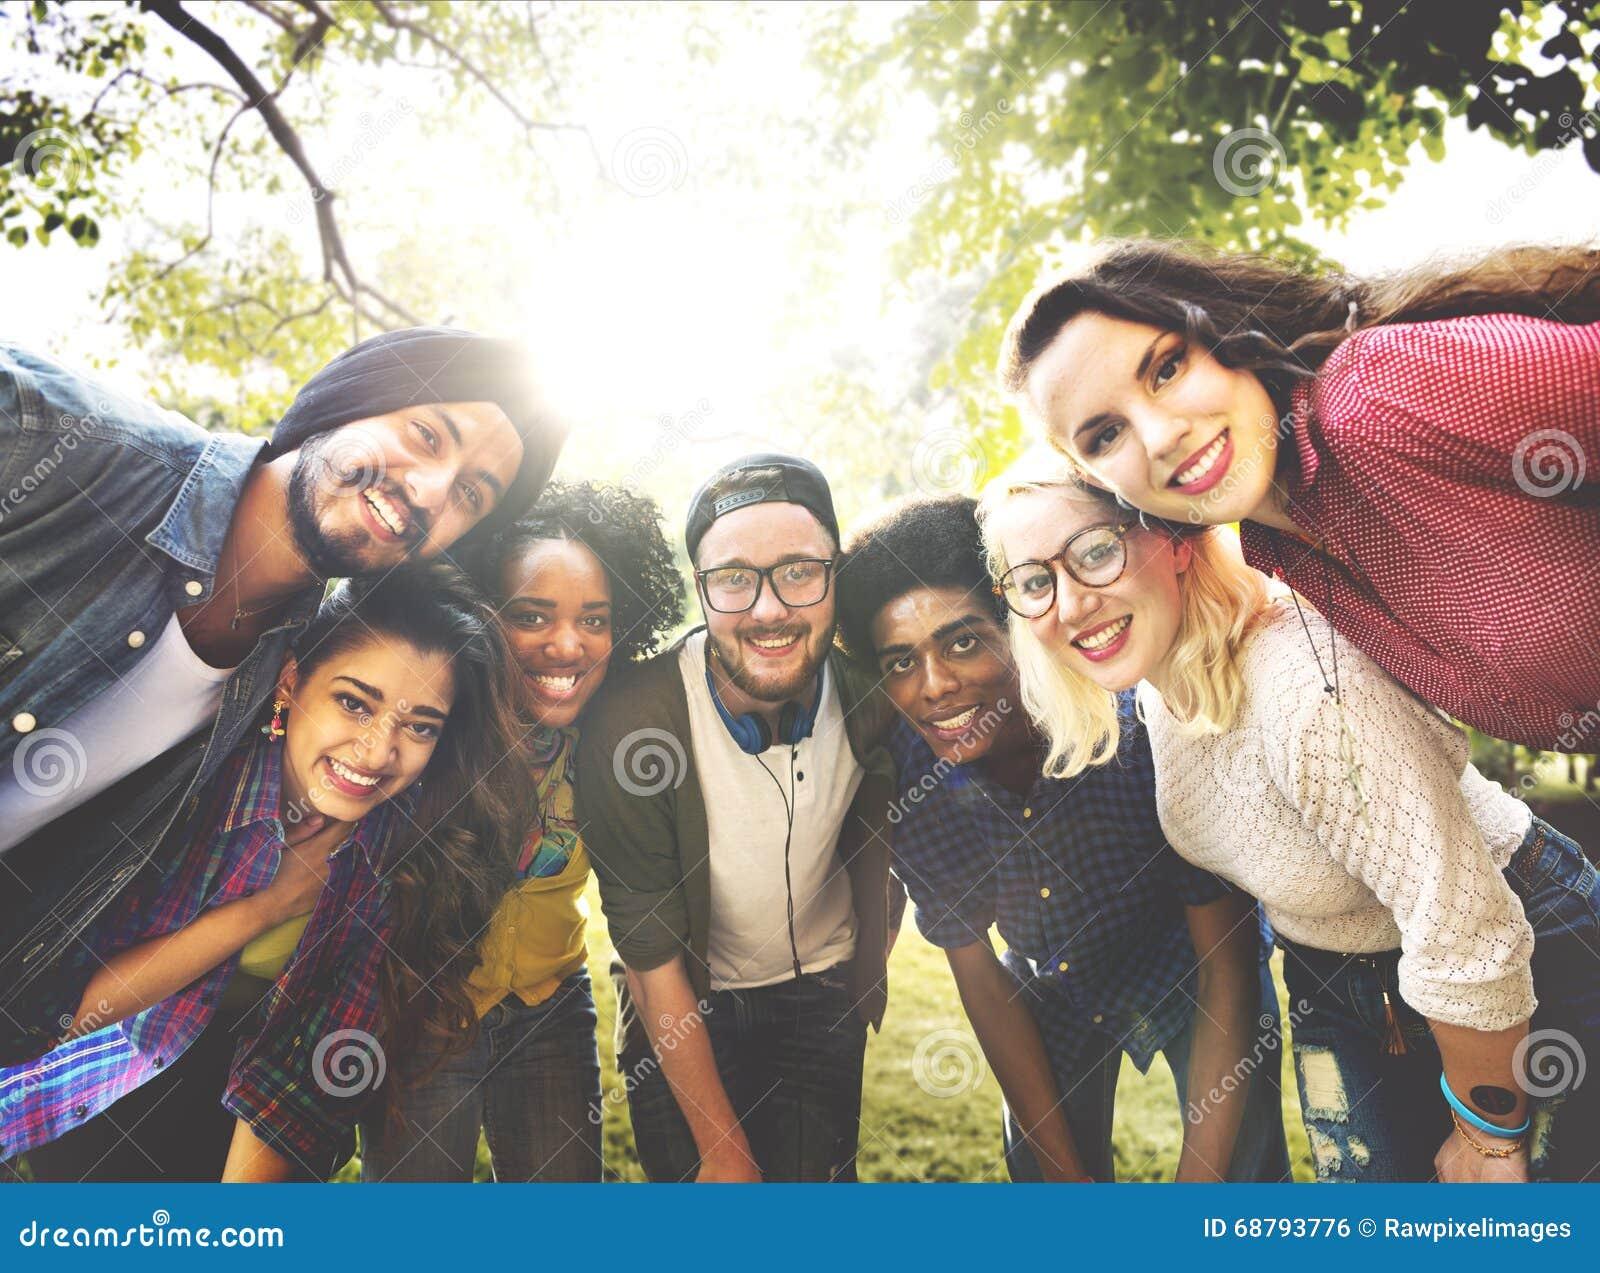 Κοινοτική έννοια ομάδας φιλίας φίλων ποικιλομορφίας